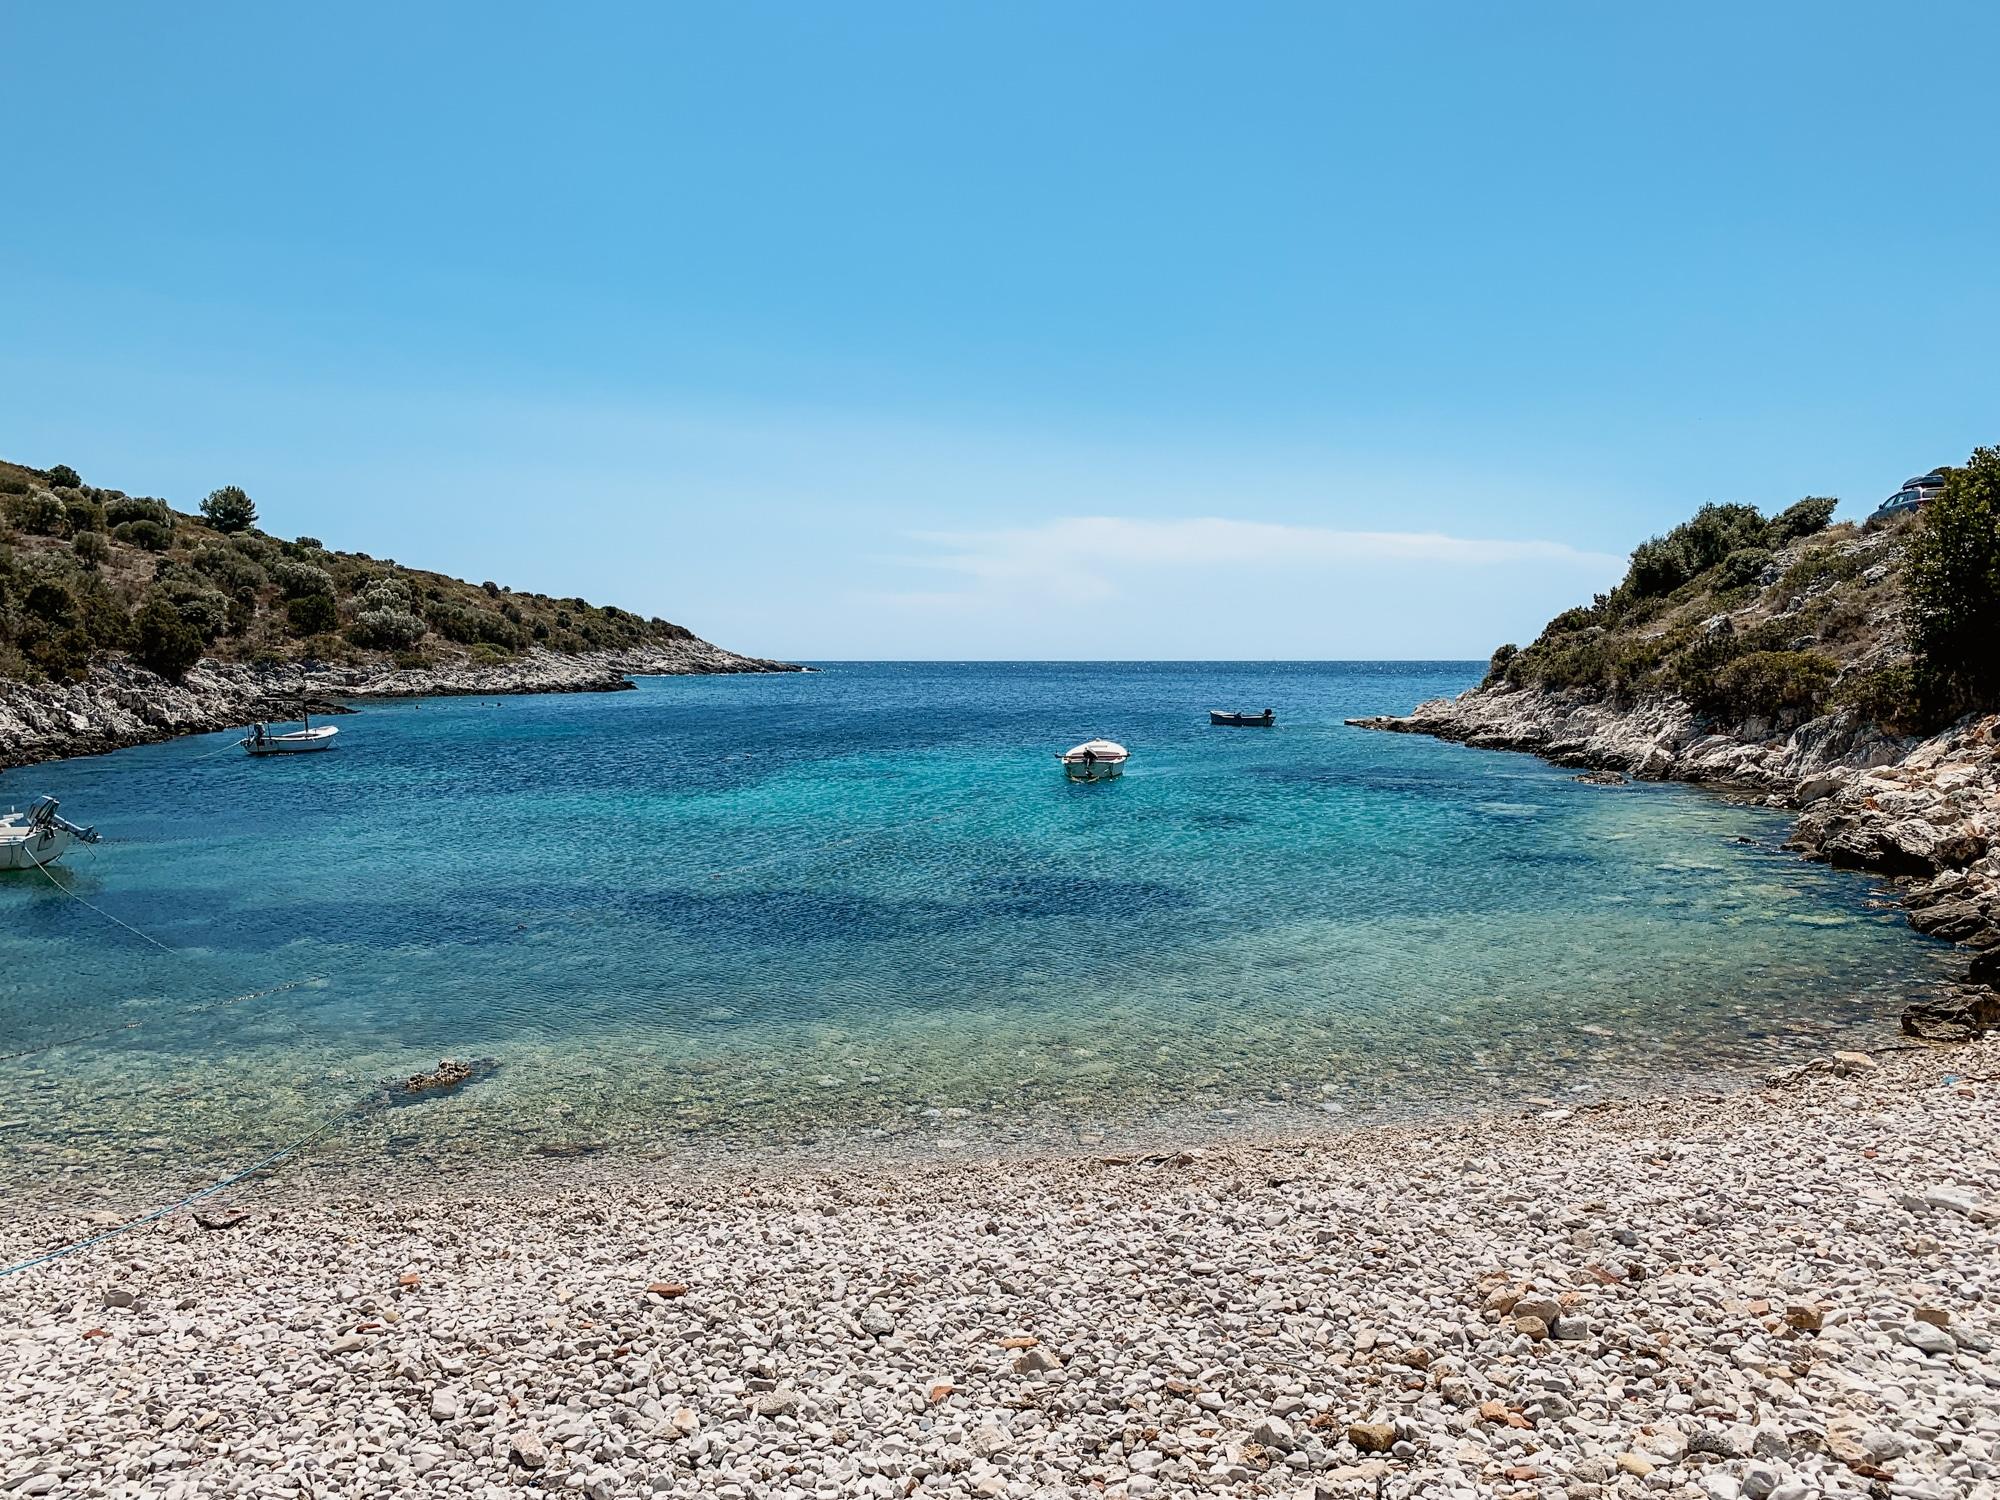 Dugi Otok Sehenswürdigkeiten: Meine Highlights und Tipps für die Insel - Brbinjscica Bay